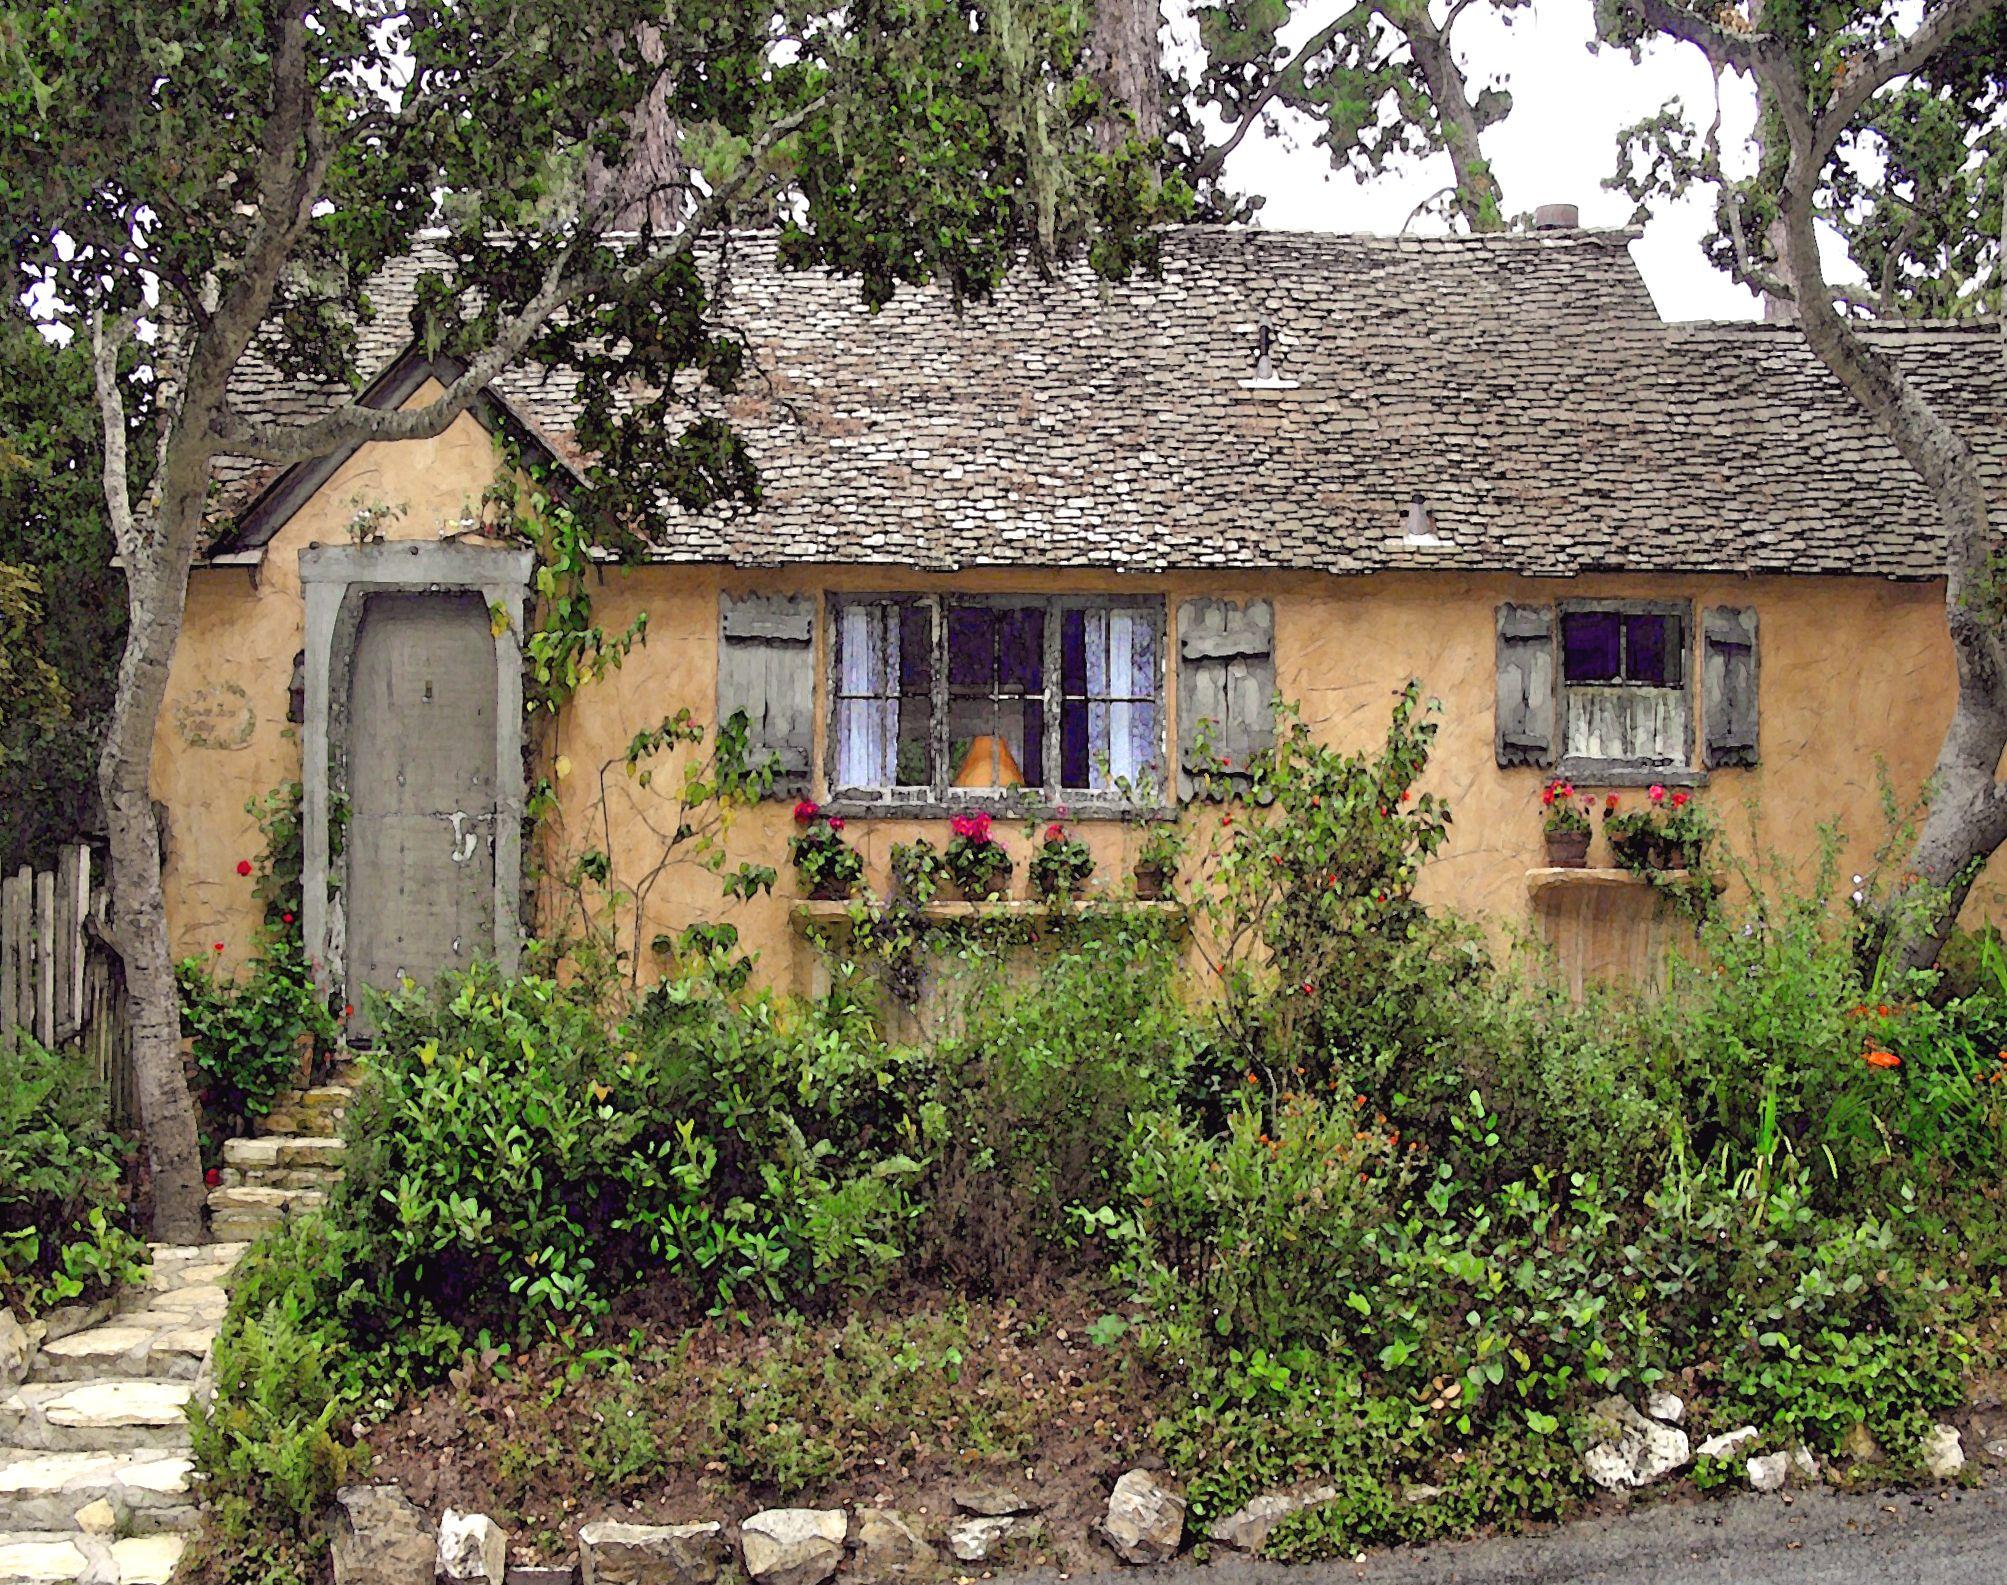 Sunwiseturn Hugh Comstock Fairytale Cottage